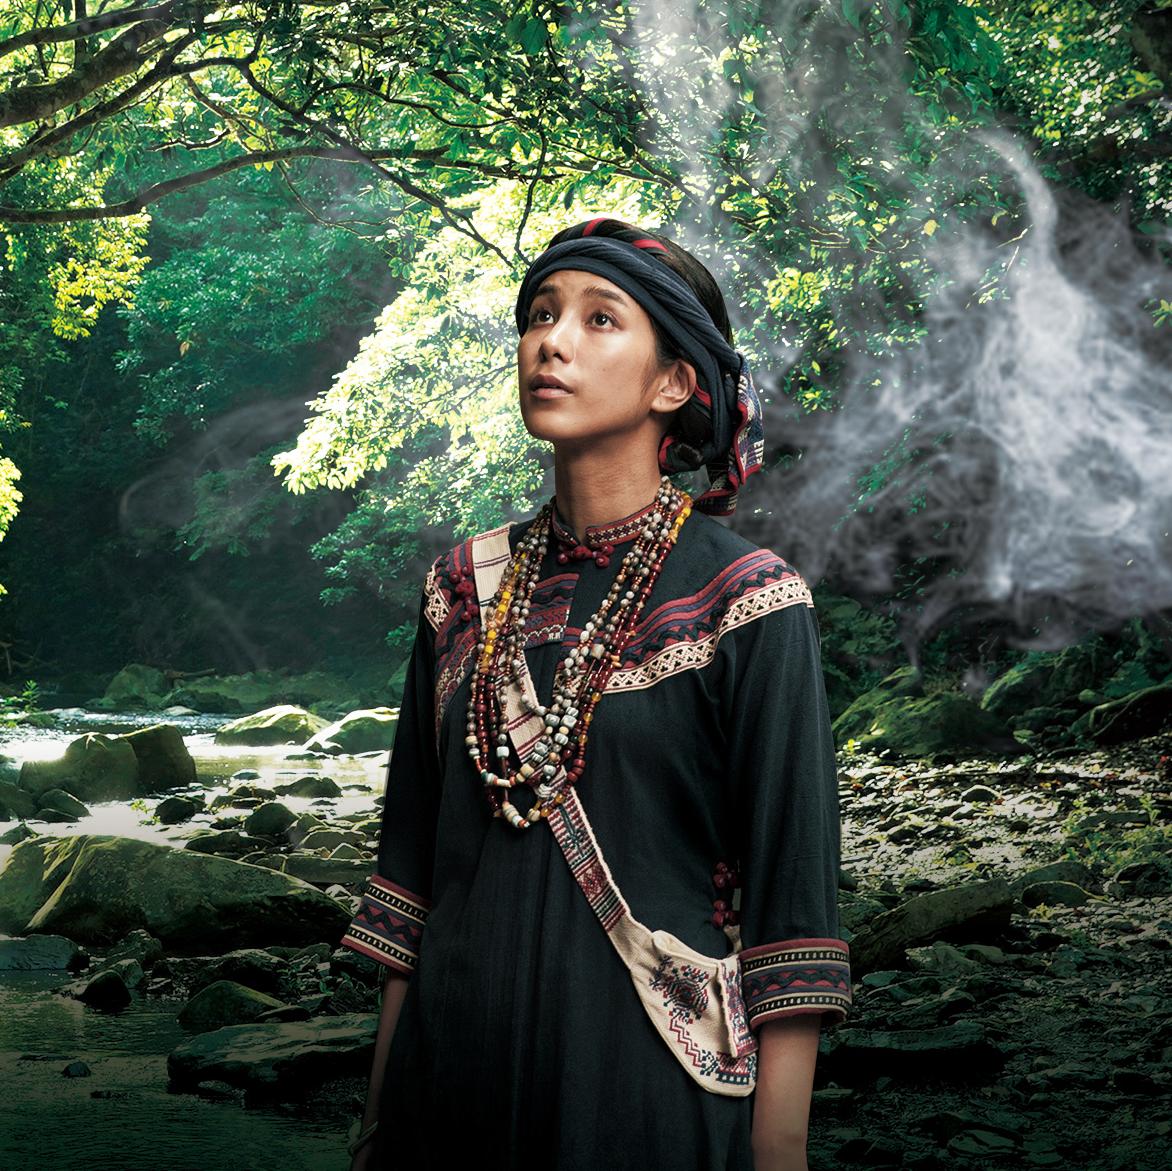 「要讓年輕人看見美麗的台灣」!公視旗艦歷史劇《傀儡花》首波人物公佈